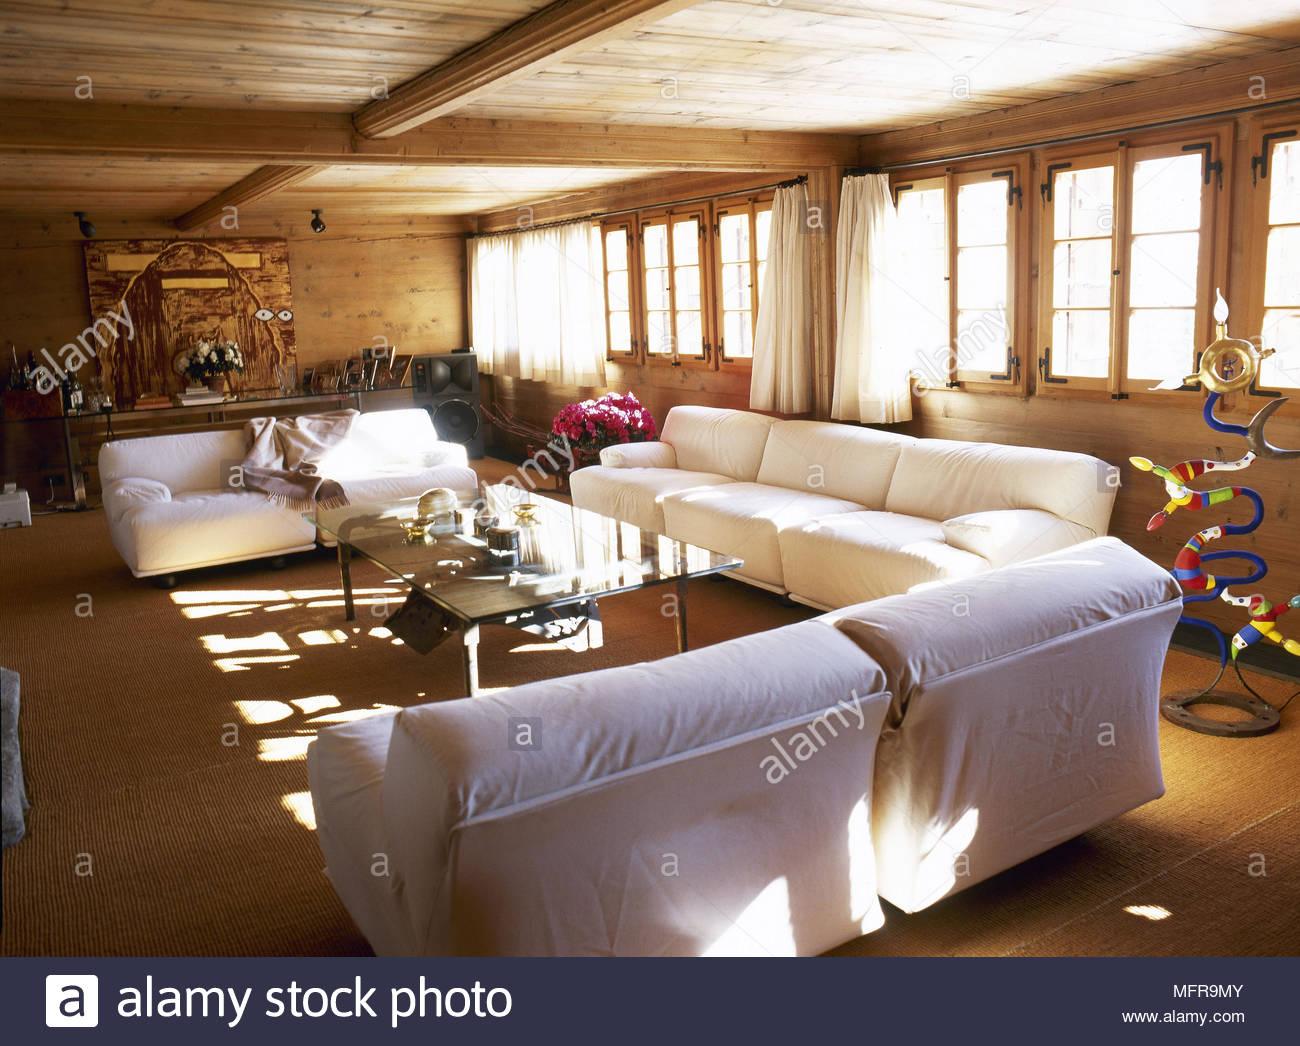 Landhausstil Wohnzimmer mit Holzdecke und gepolsterten